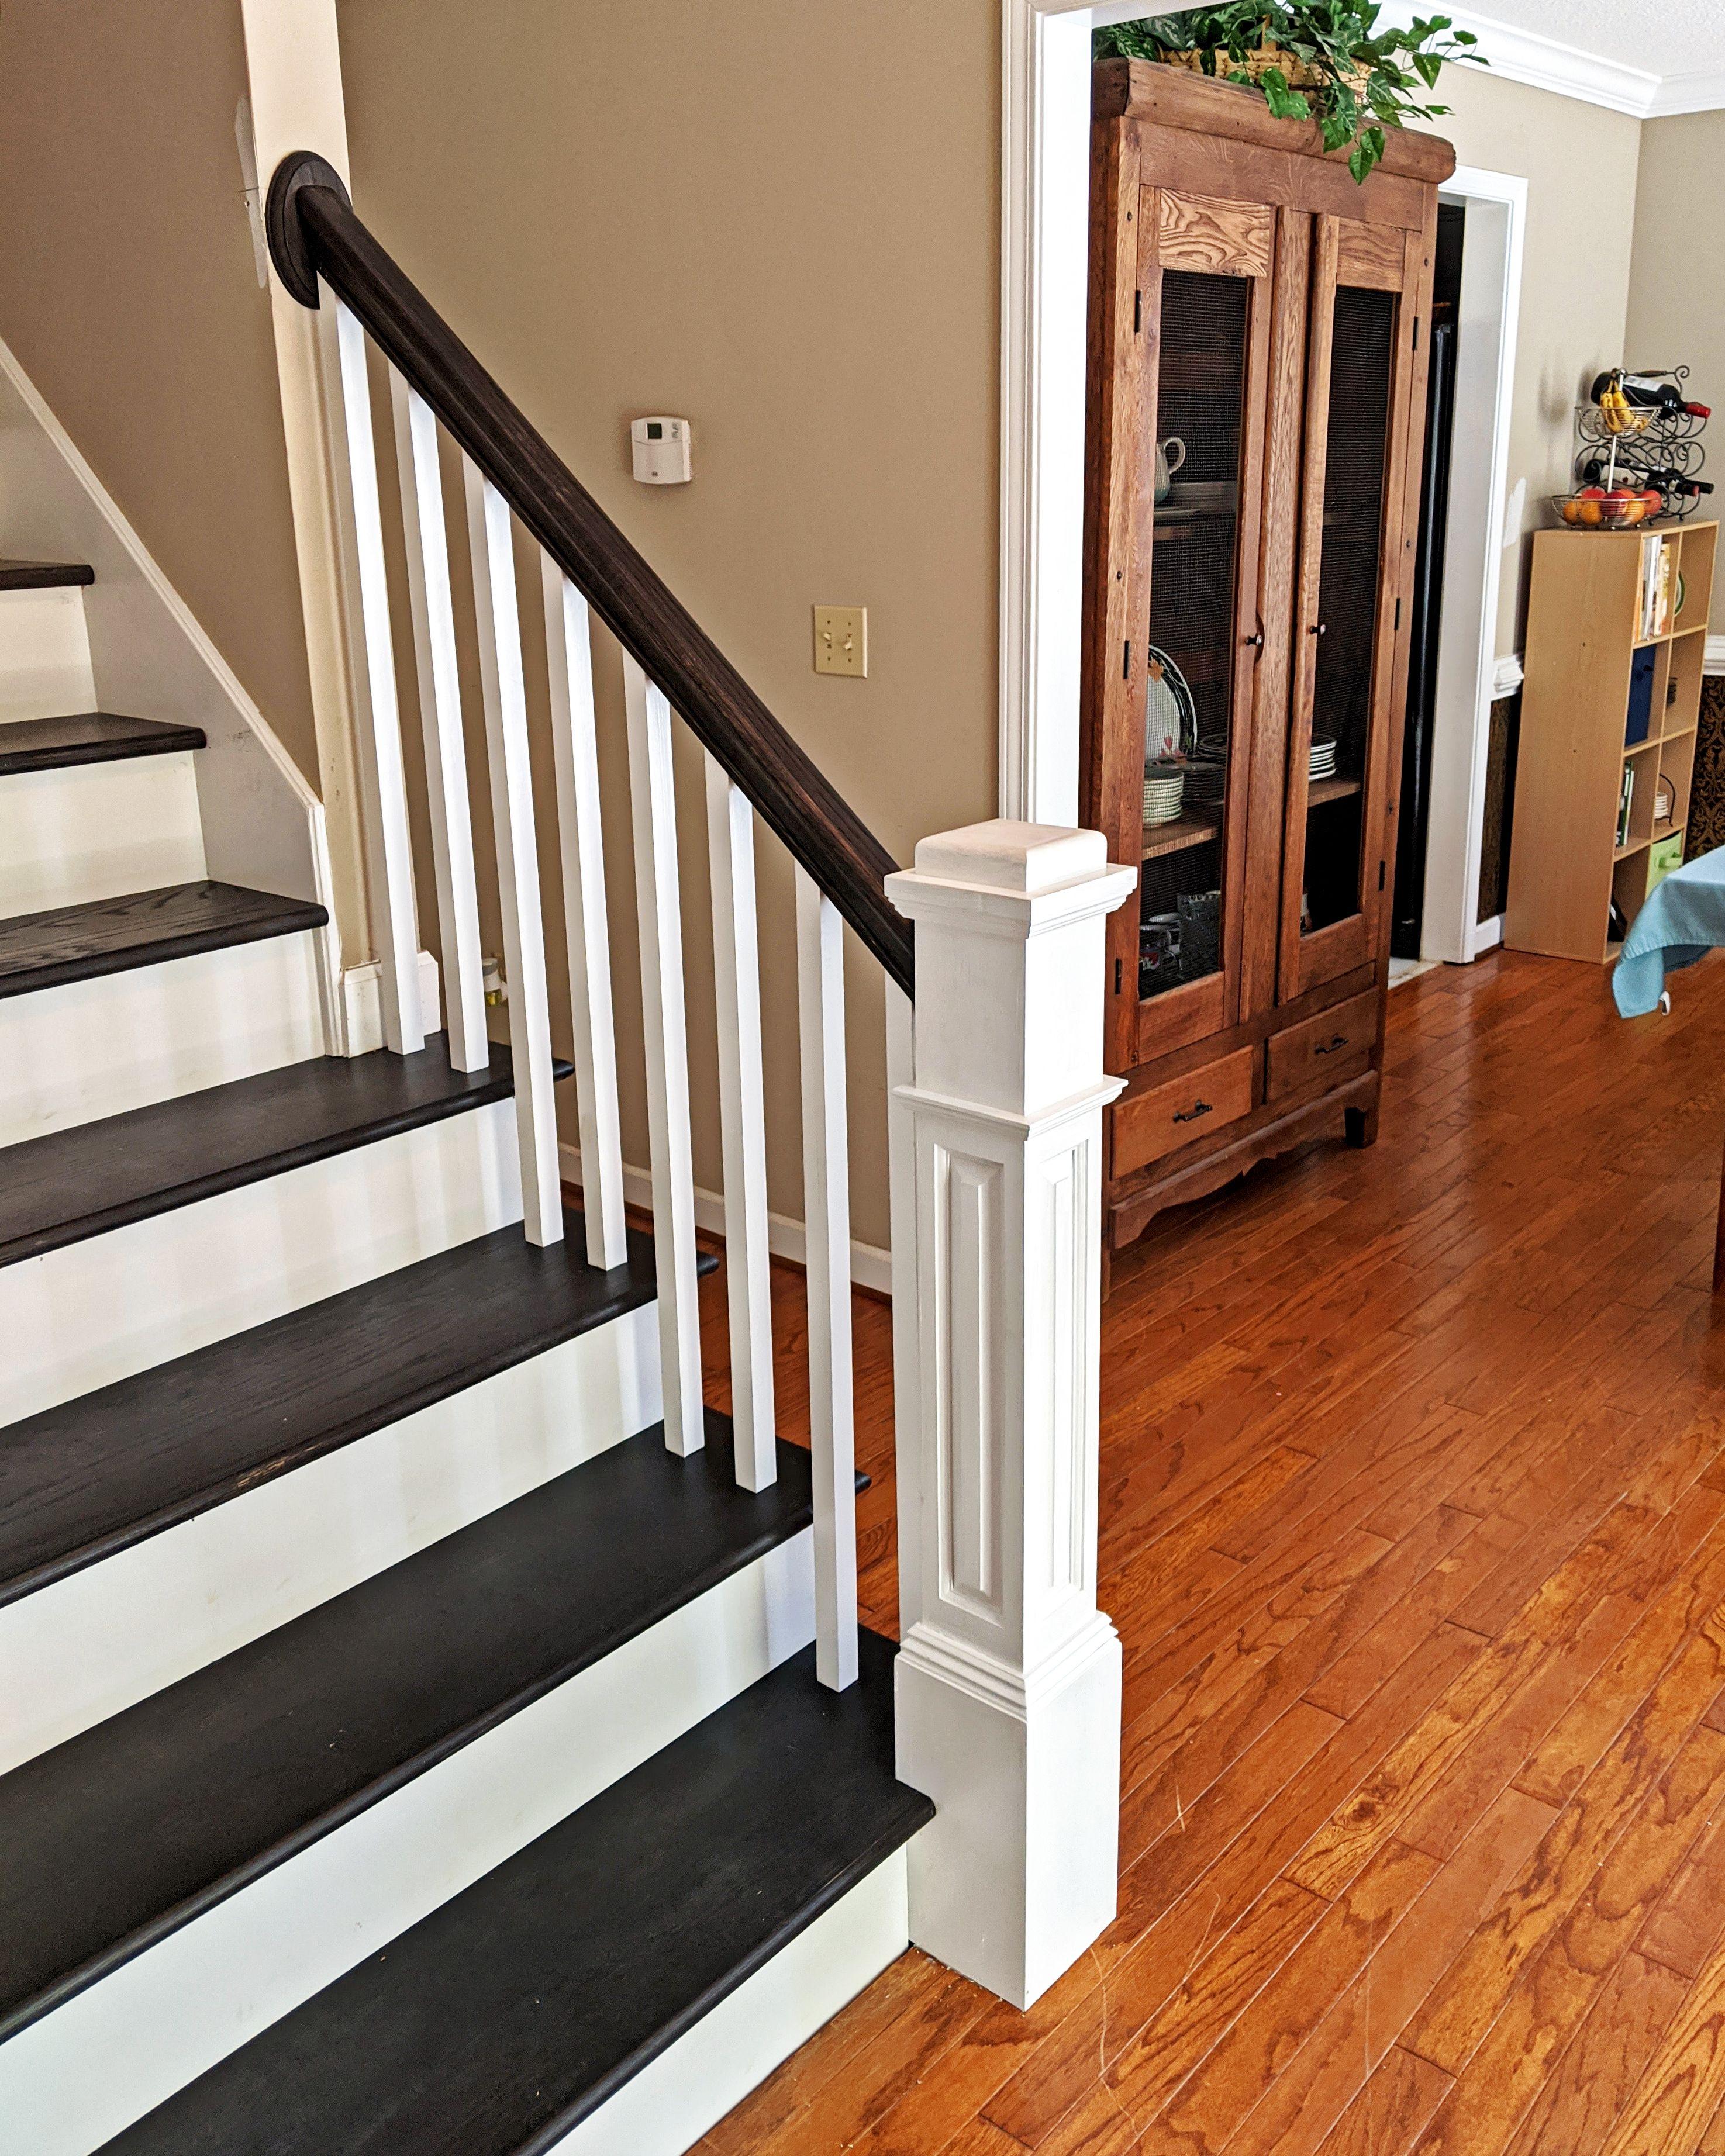 Red Oak Stair Tread In 2020 Oak Stairs Stair Treads Red Oak   Red Oak Stair Treads And Risers   Wooden Stairs   Wood Stair   Hardwood Floors   Railing   Stair Parts